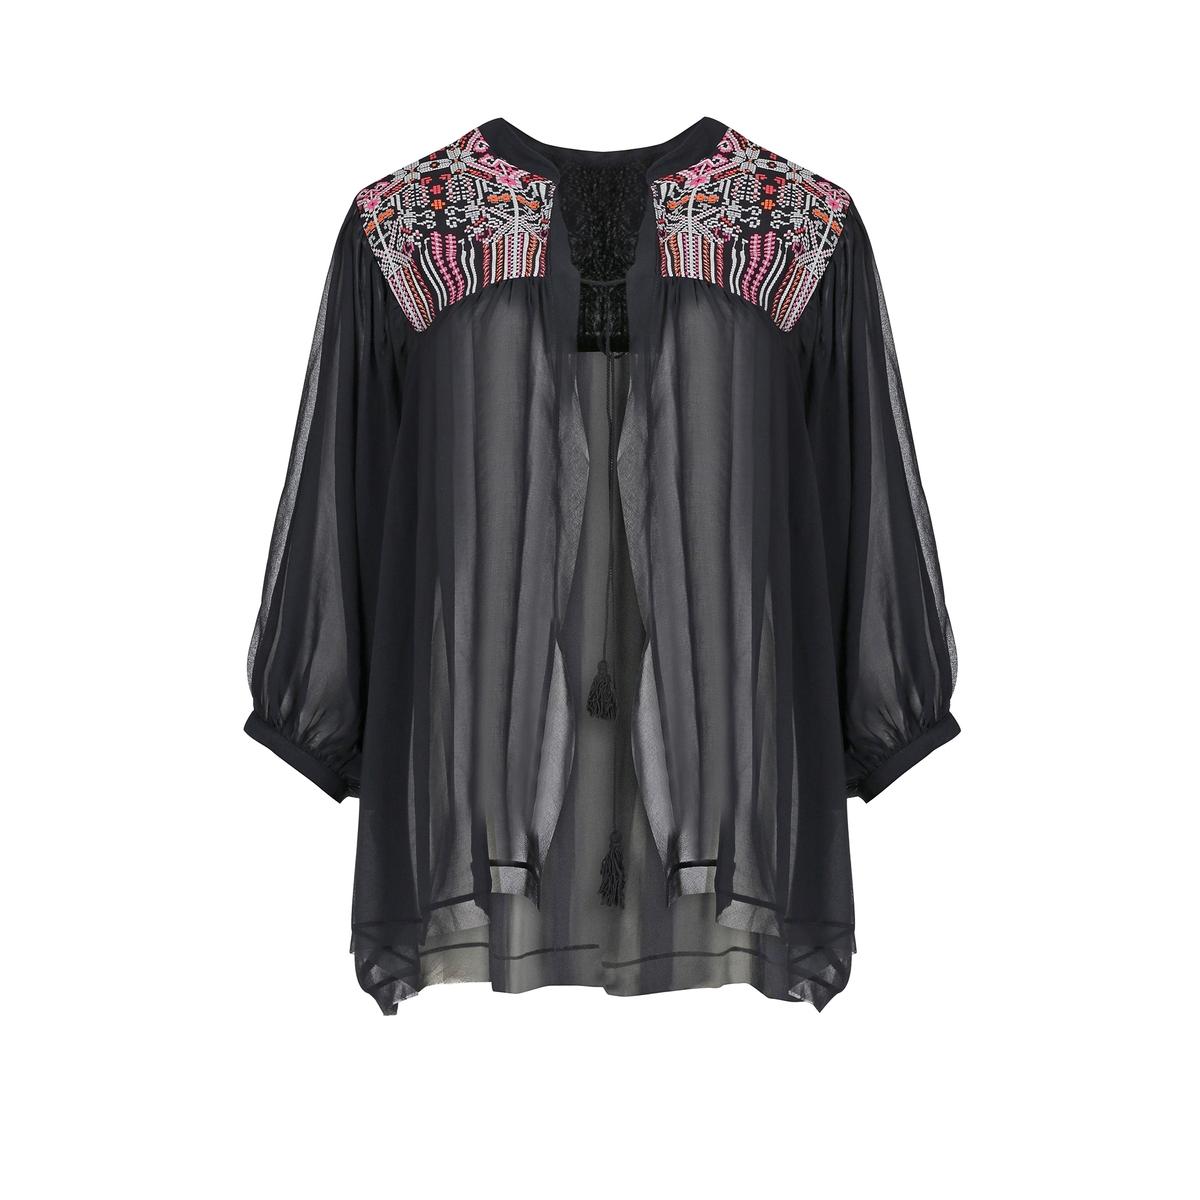 Жакет-кимоноЖакет-кимоно MAT FASHION. 100% полиэстер. Жакет с этническим рисунком. Рукава 3/4 расклешенной формы. Застежка на завязки с кисточками.<br><br>Цвет: черный